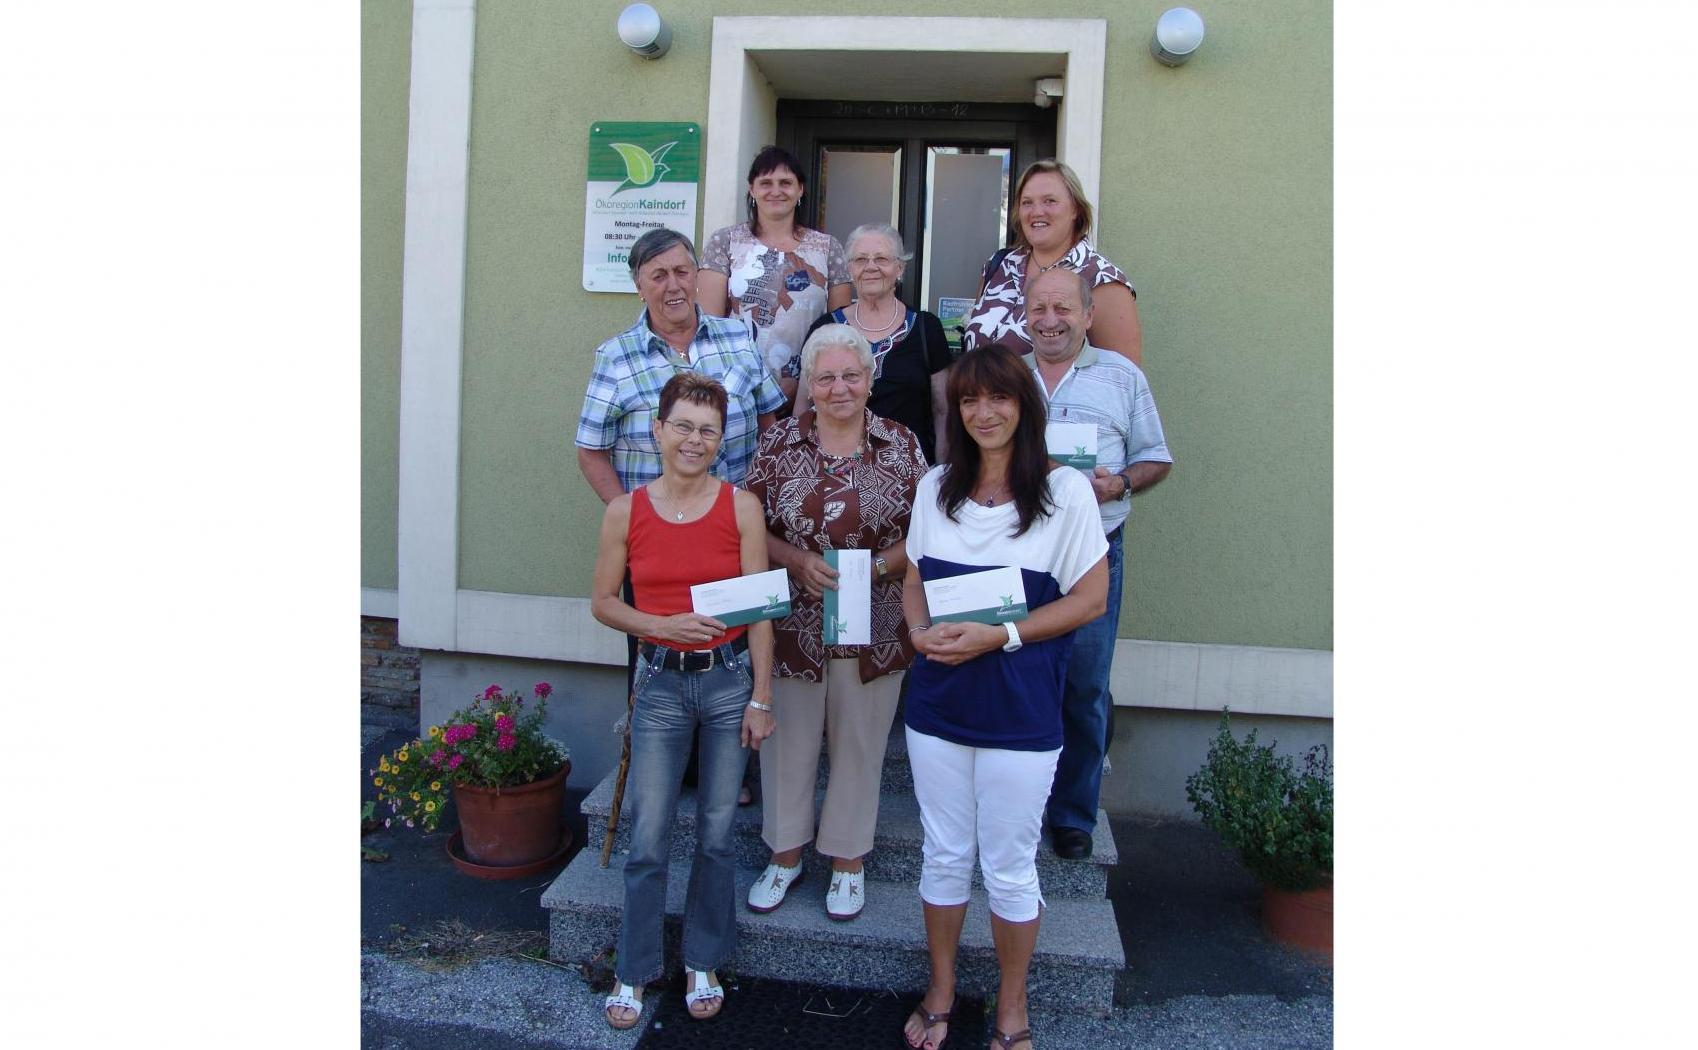 oekoregion_kaindorf--article-1341-0.jpeg